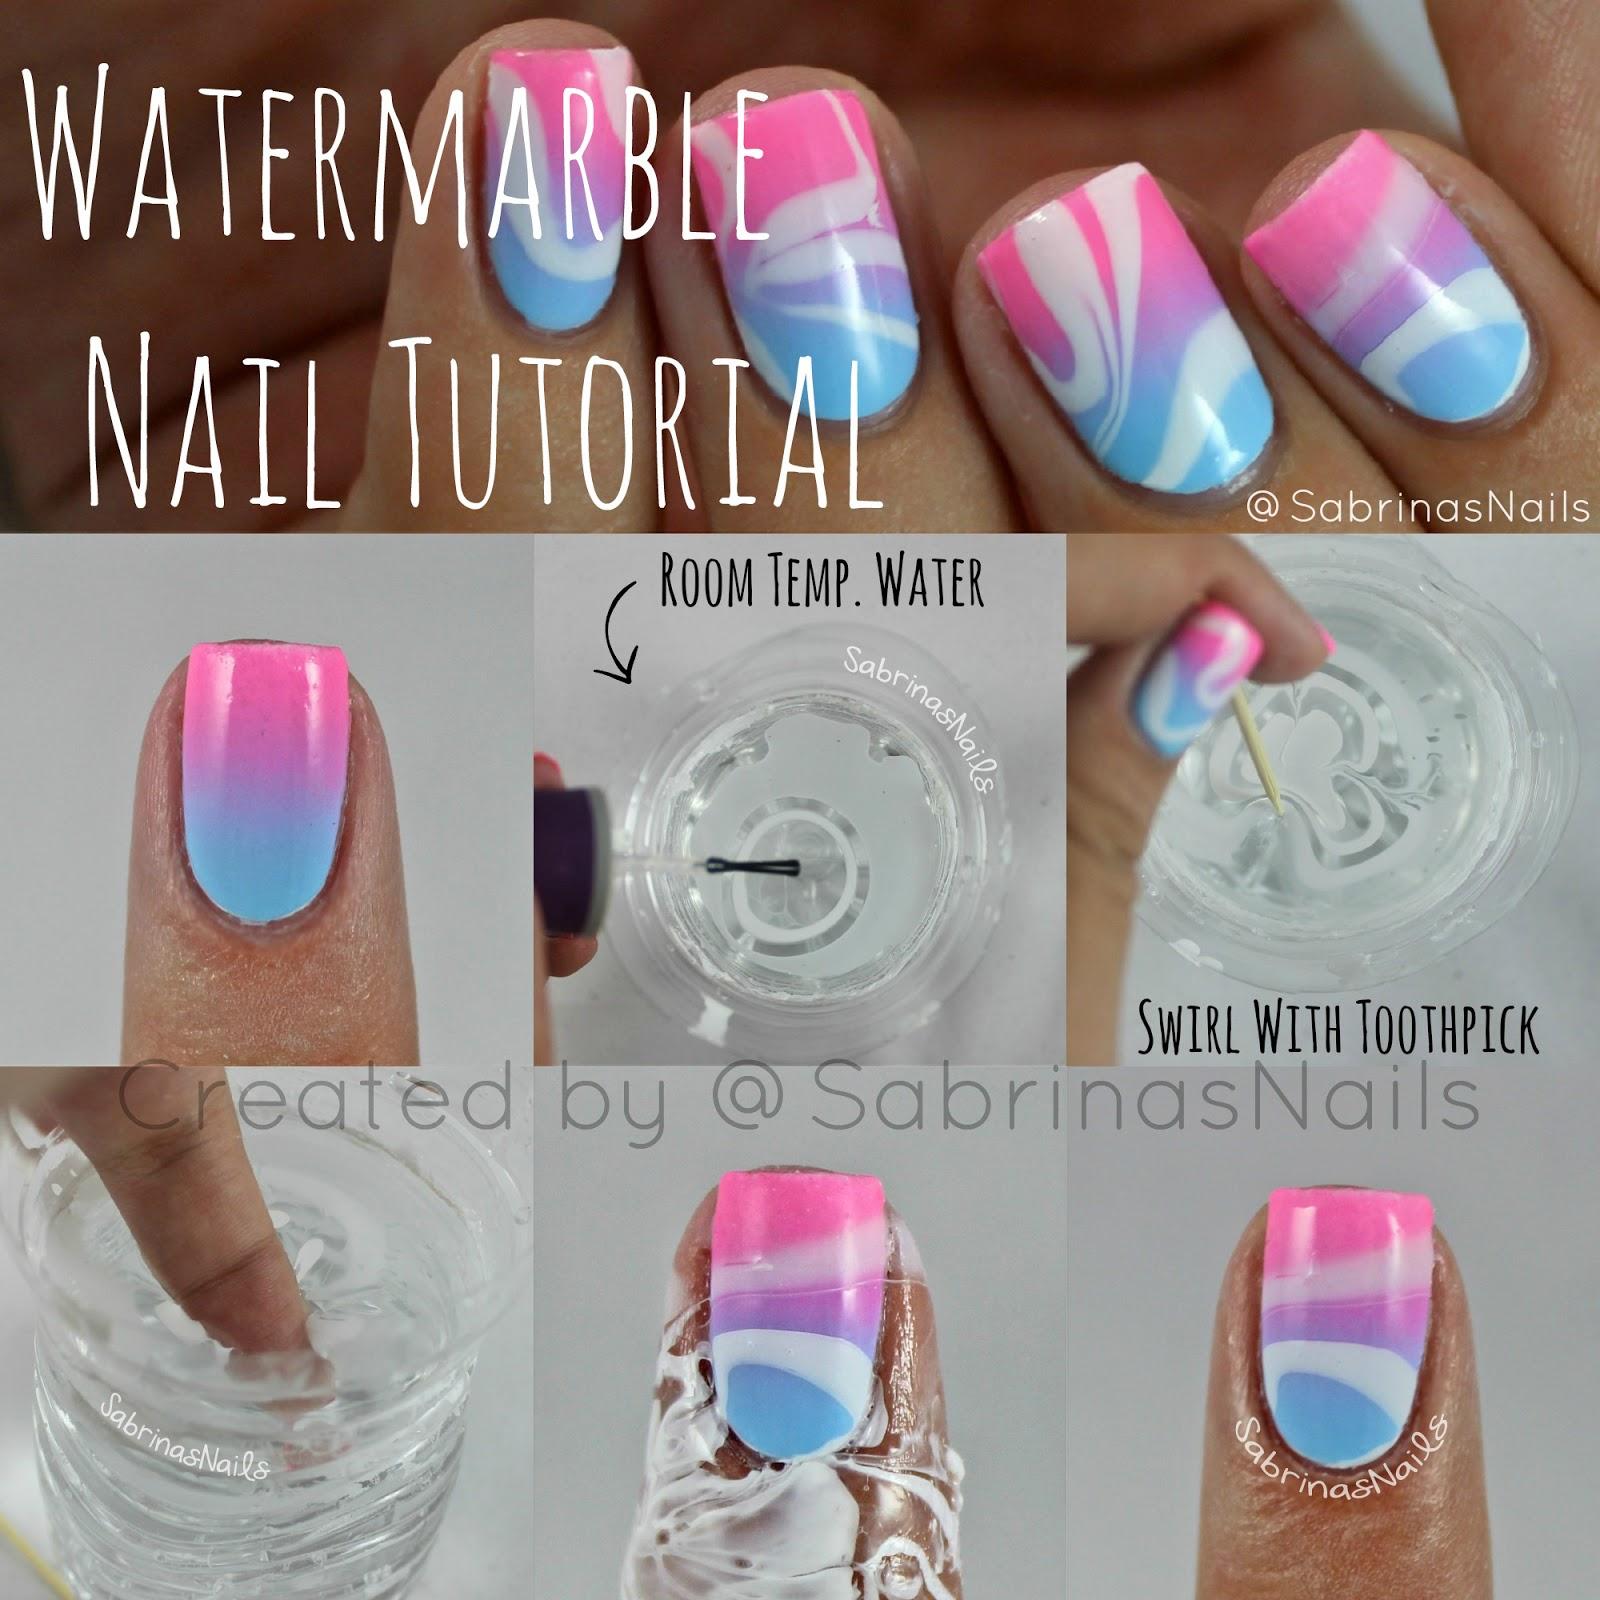 Sabrinas Nails: Watermarble Nail Tutorial